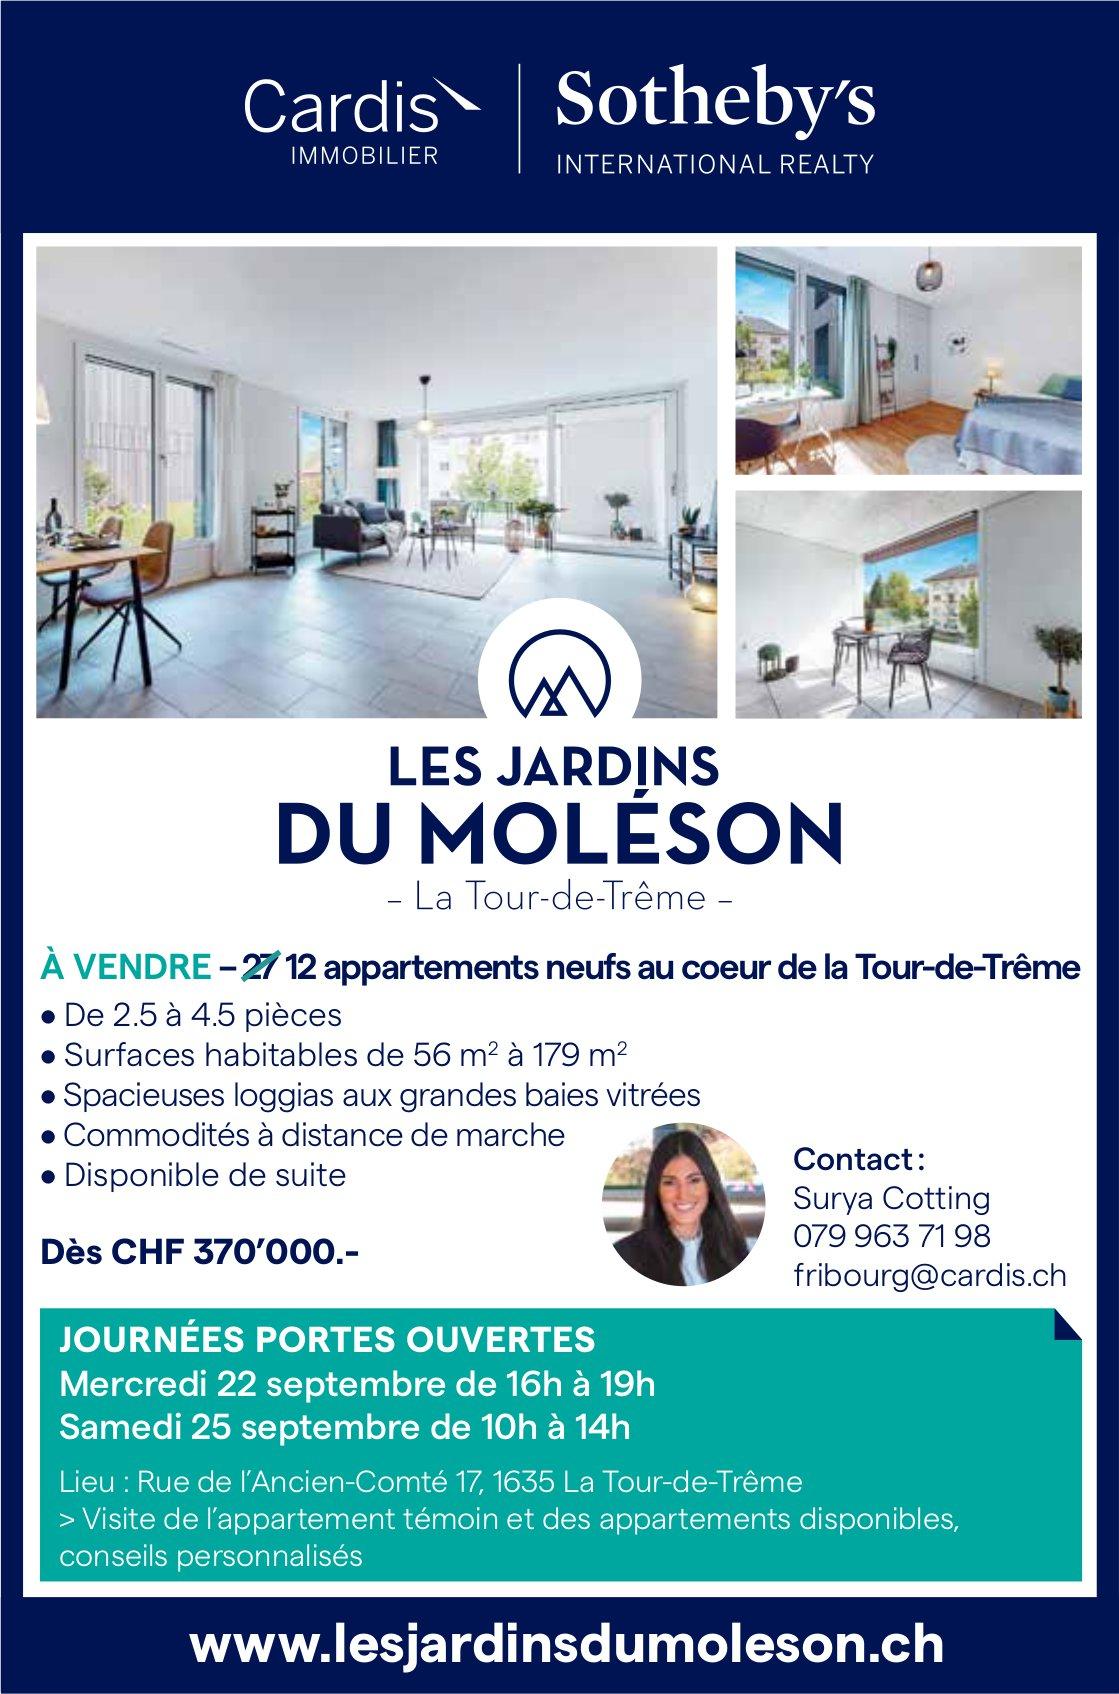 12 appartements neufs de 2½ à 4½ pièces, LA Tour-de-Trême, à vendre